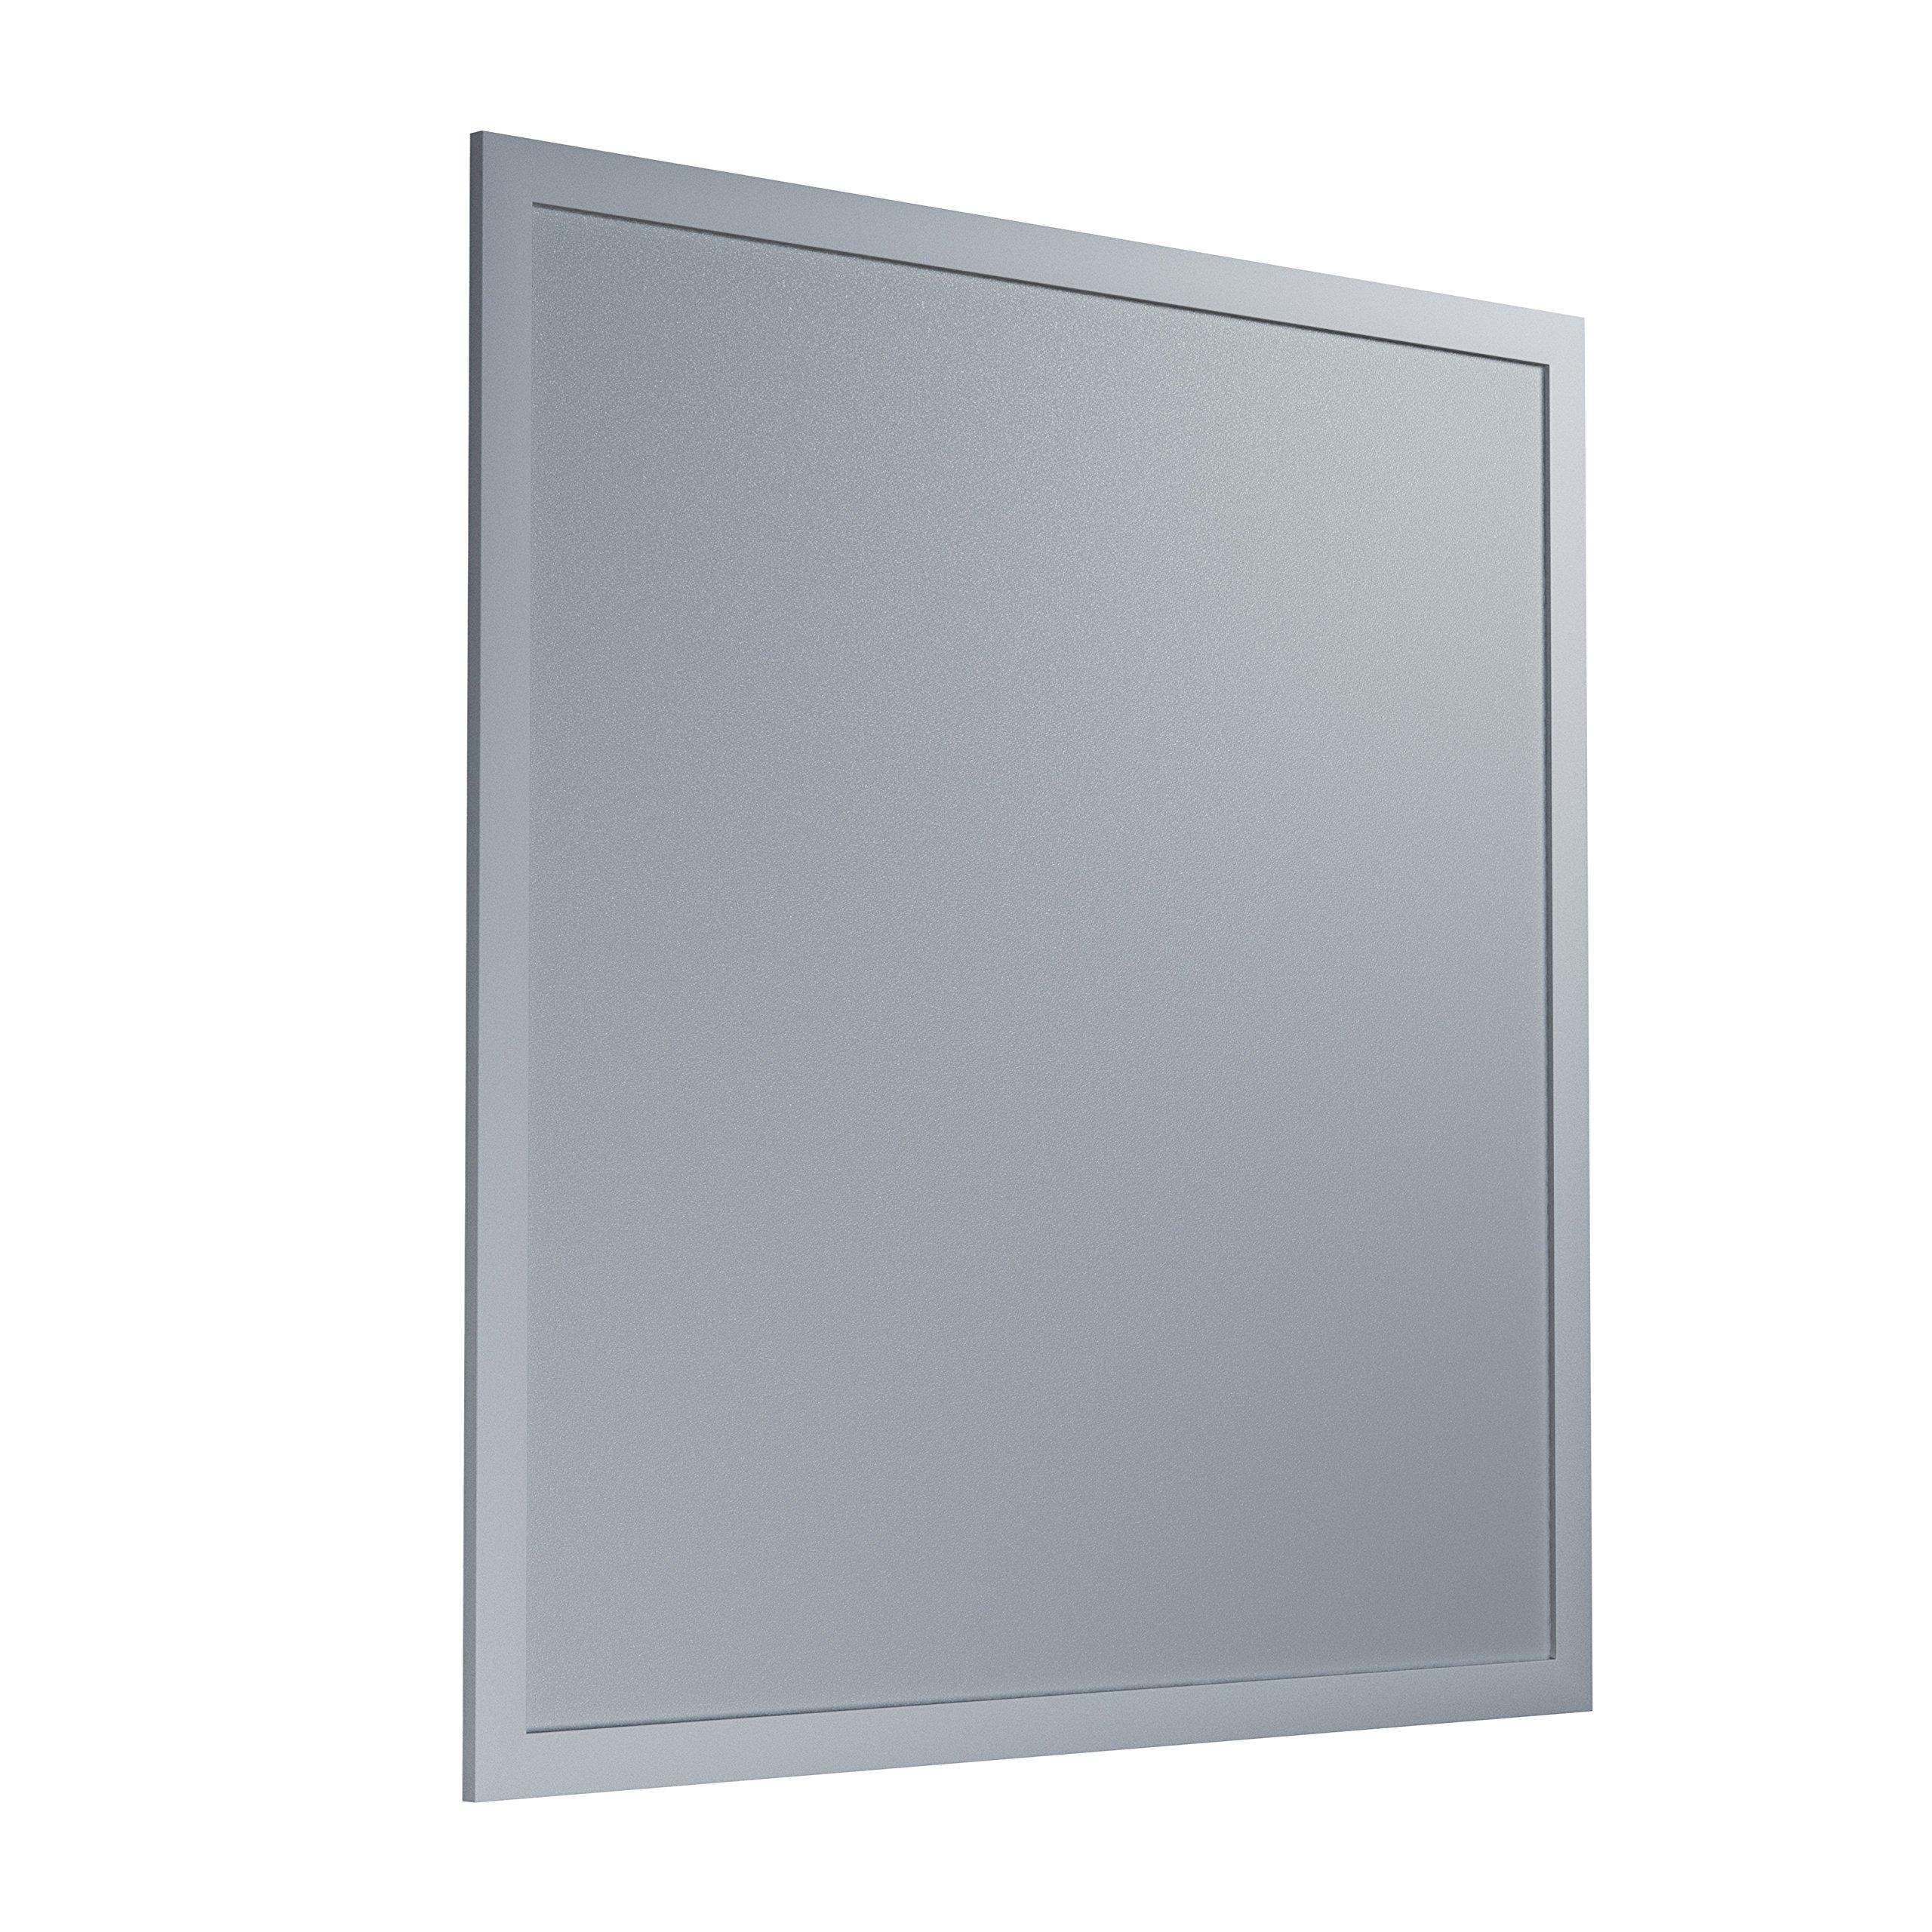 Full Size of Osram Led Ceiling Luminaire Planon Plus Panel White Big Sofa Leder Küche Deckenleuchte Bad Lederpflege Spiegelschrank Kunstleder Spiegel Beleuchtung Wohnzimmer Osram Led Panel